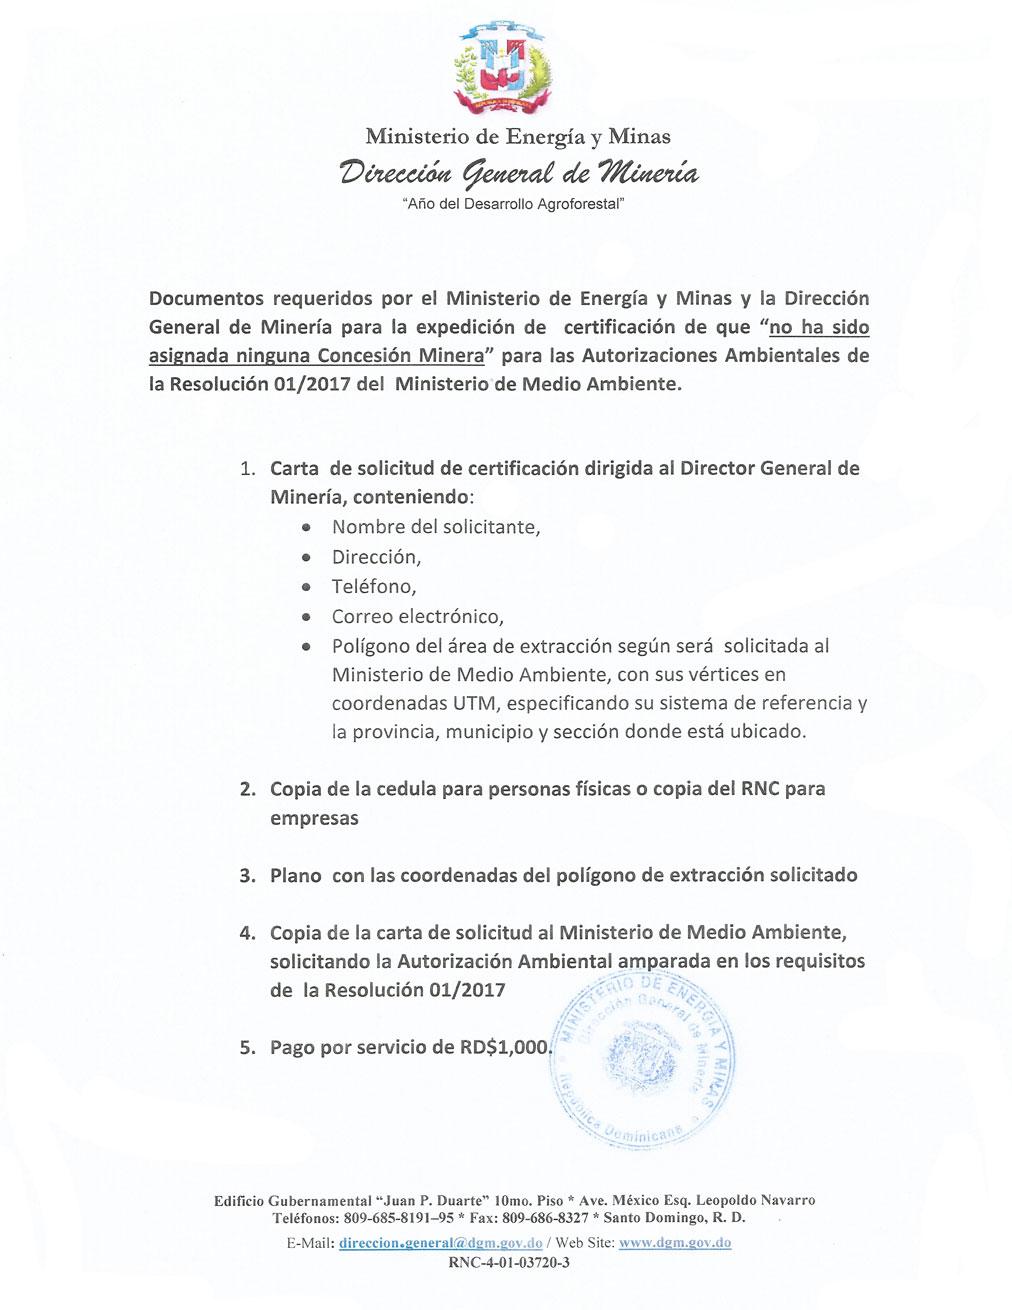 Requisitos_expedicion_certificacion_no_asignada_ninguna_concesion_minera-1